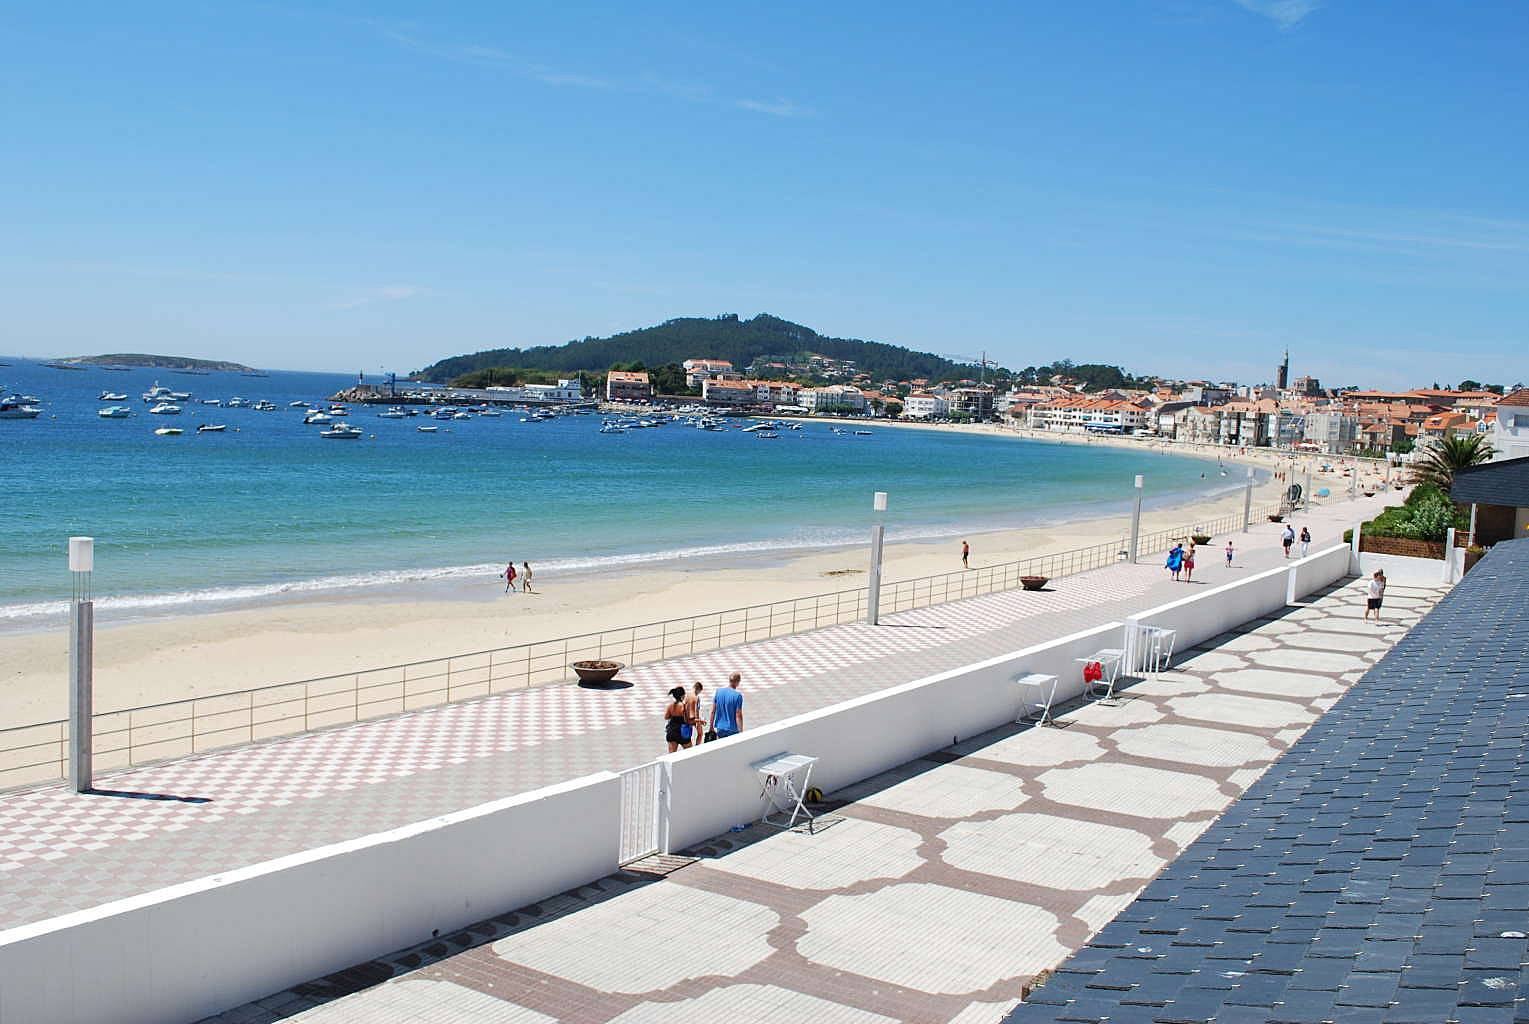 2 apartamentos en alquiler en 1a l nea de playa panxon nigr n pontevedra - Alquiler de apartamentos en playa ...